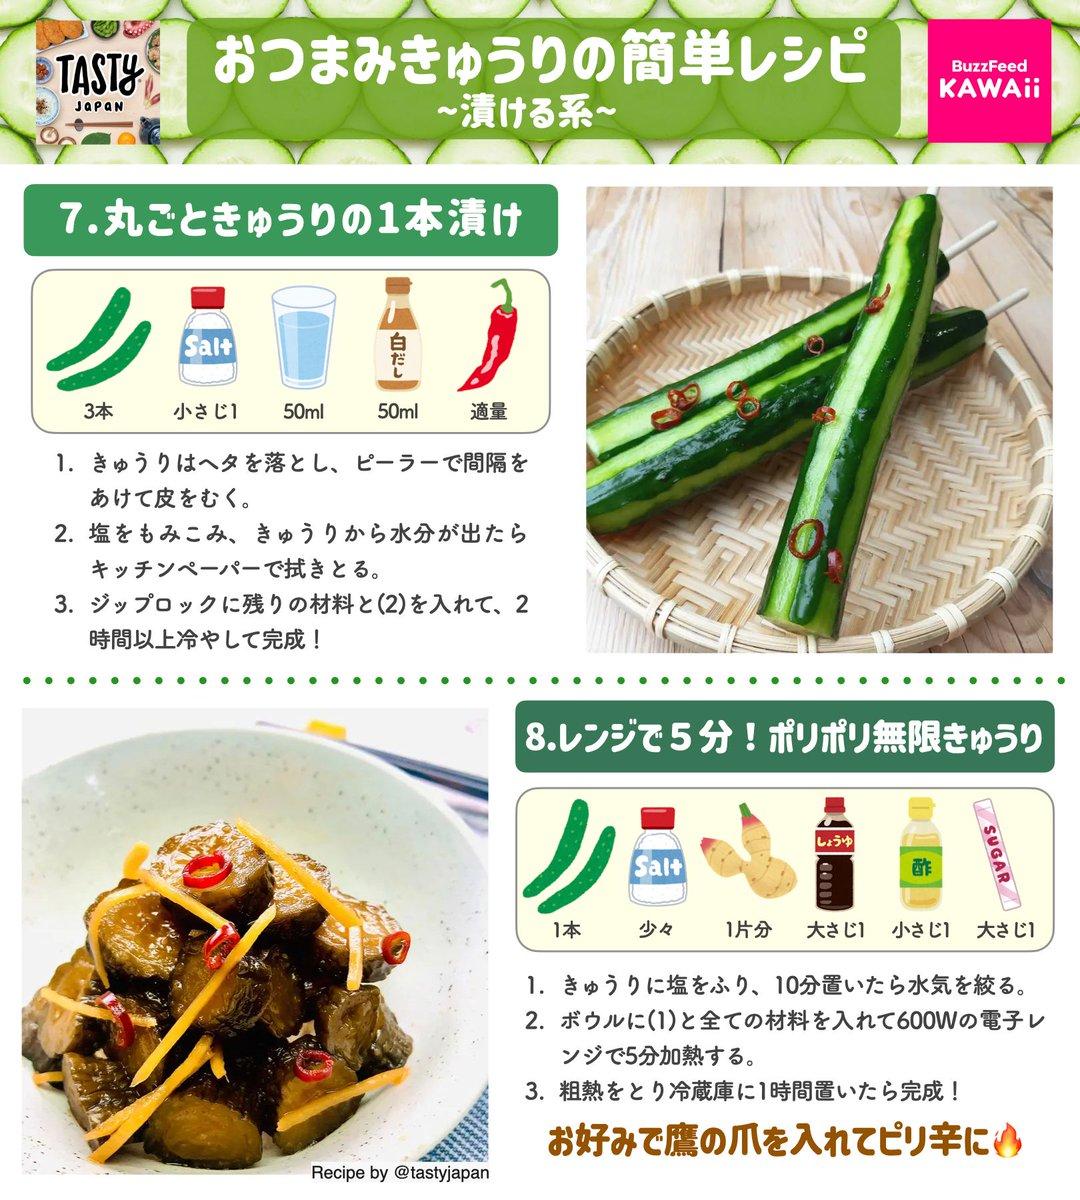 きゅうりをより美味しく食べられそう!ディップソース&きゅうりのお漬物レシピ!